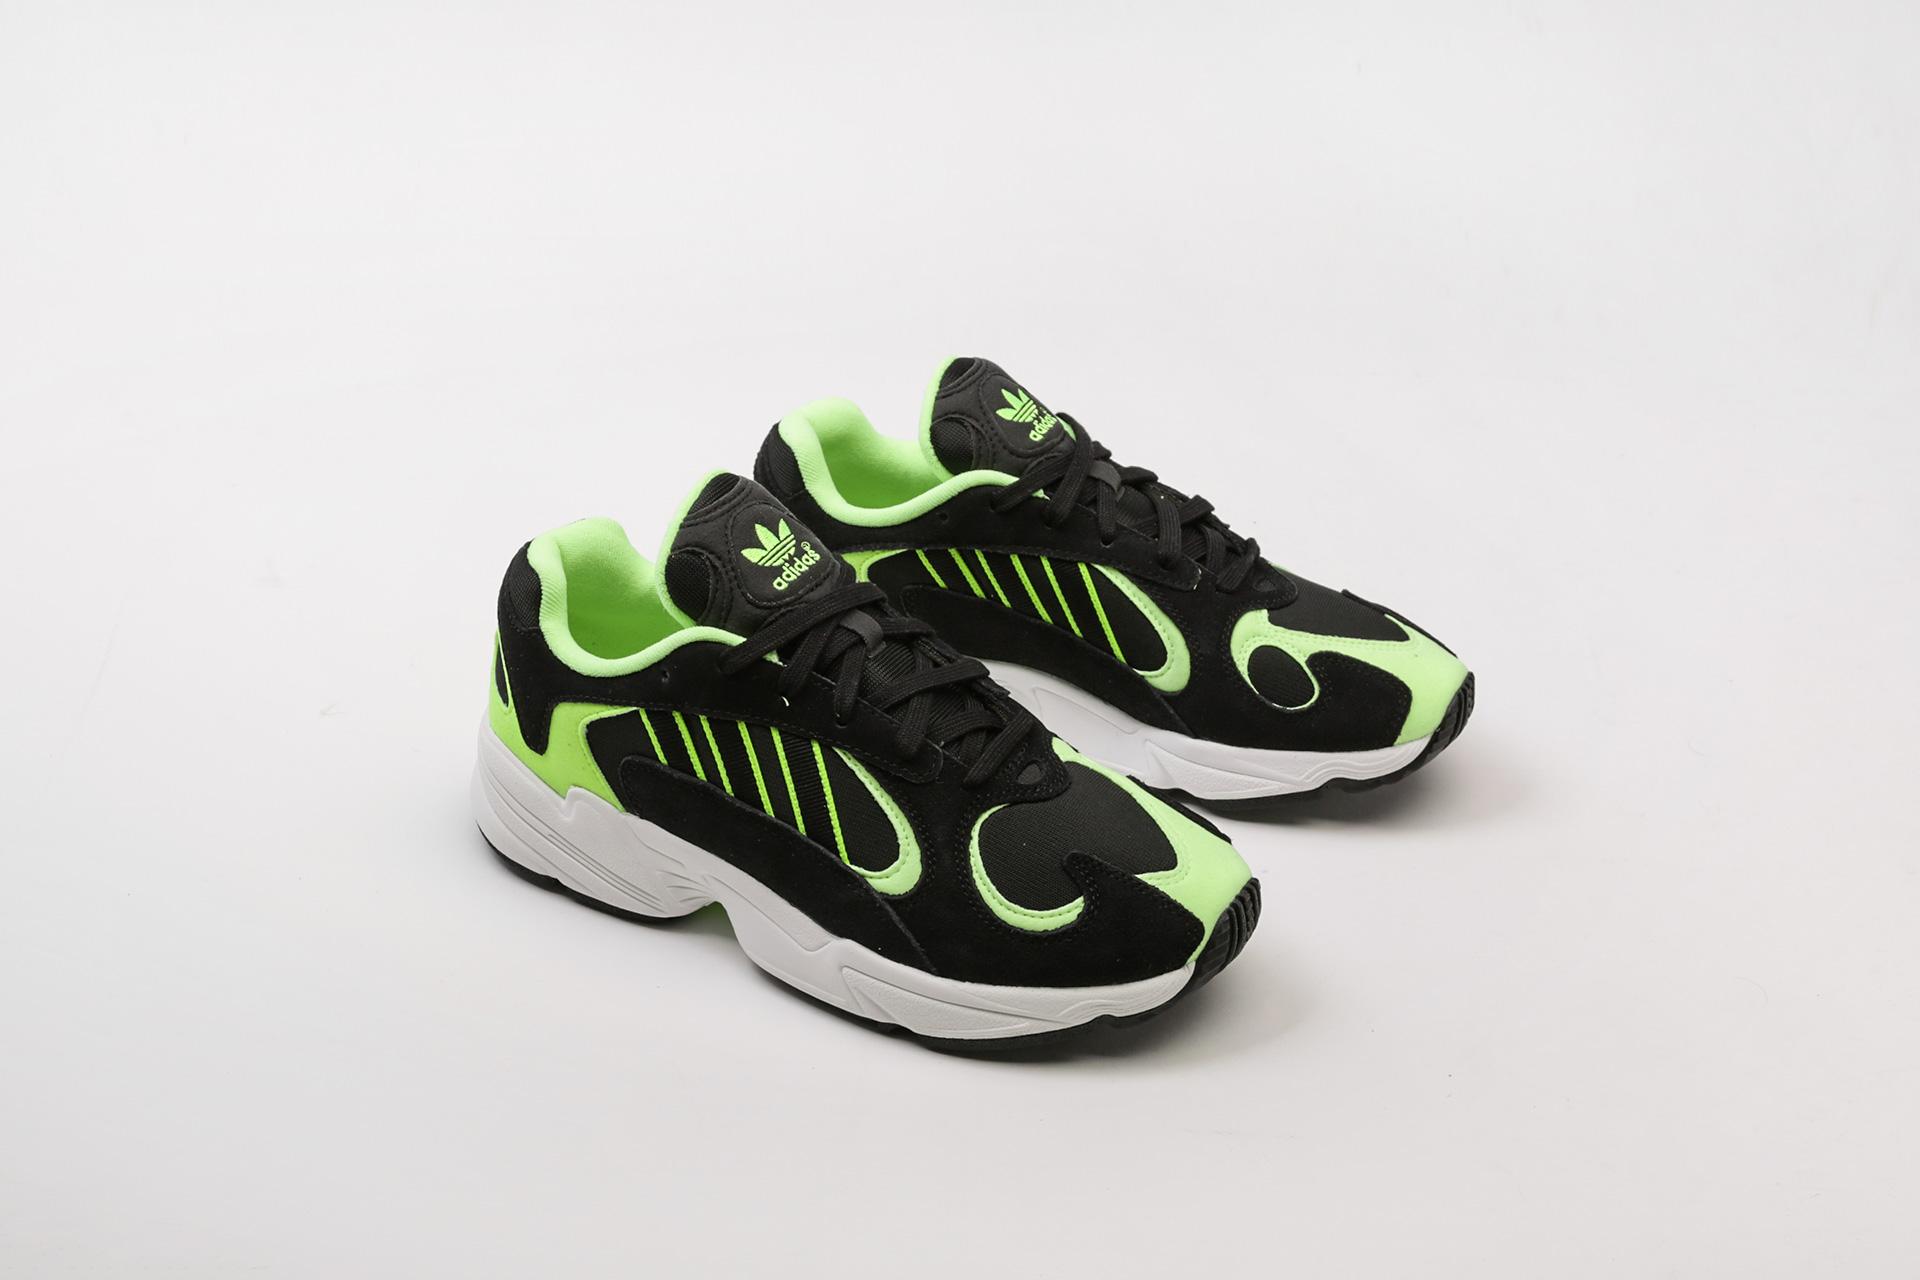 b4a2df8c Брендовая обувь в интернет-магазине Sneakerhead